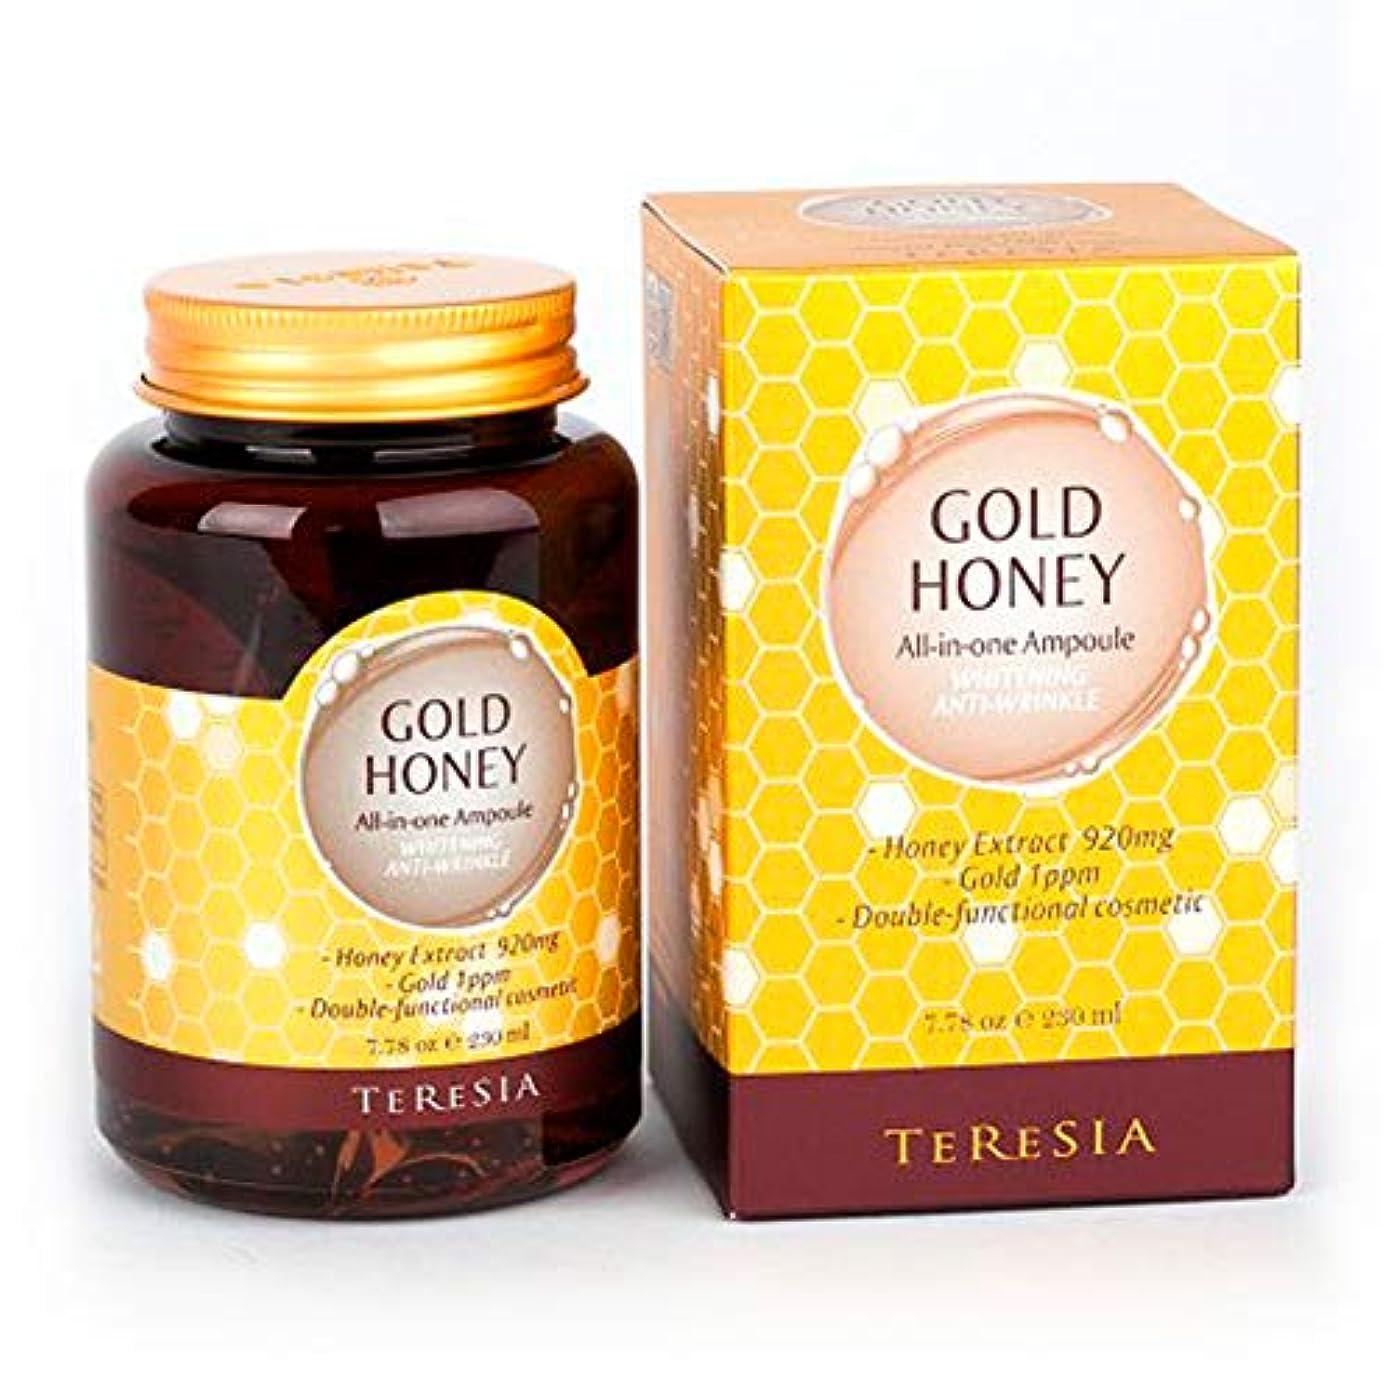 [(テルシア)TERESIA] テルシア·ゴールドハニー大容量 230ml オールインワン·アンプル シワ,美白二重機能性化粧品